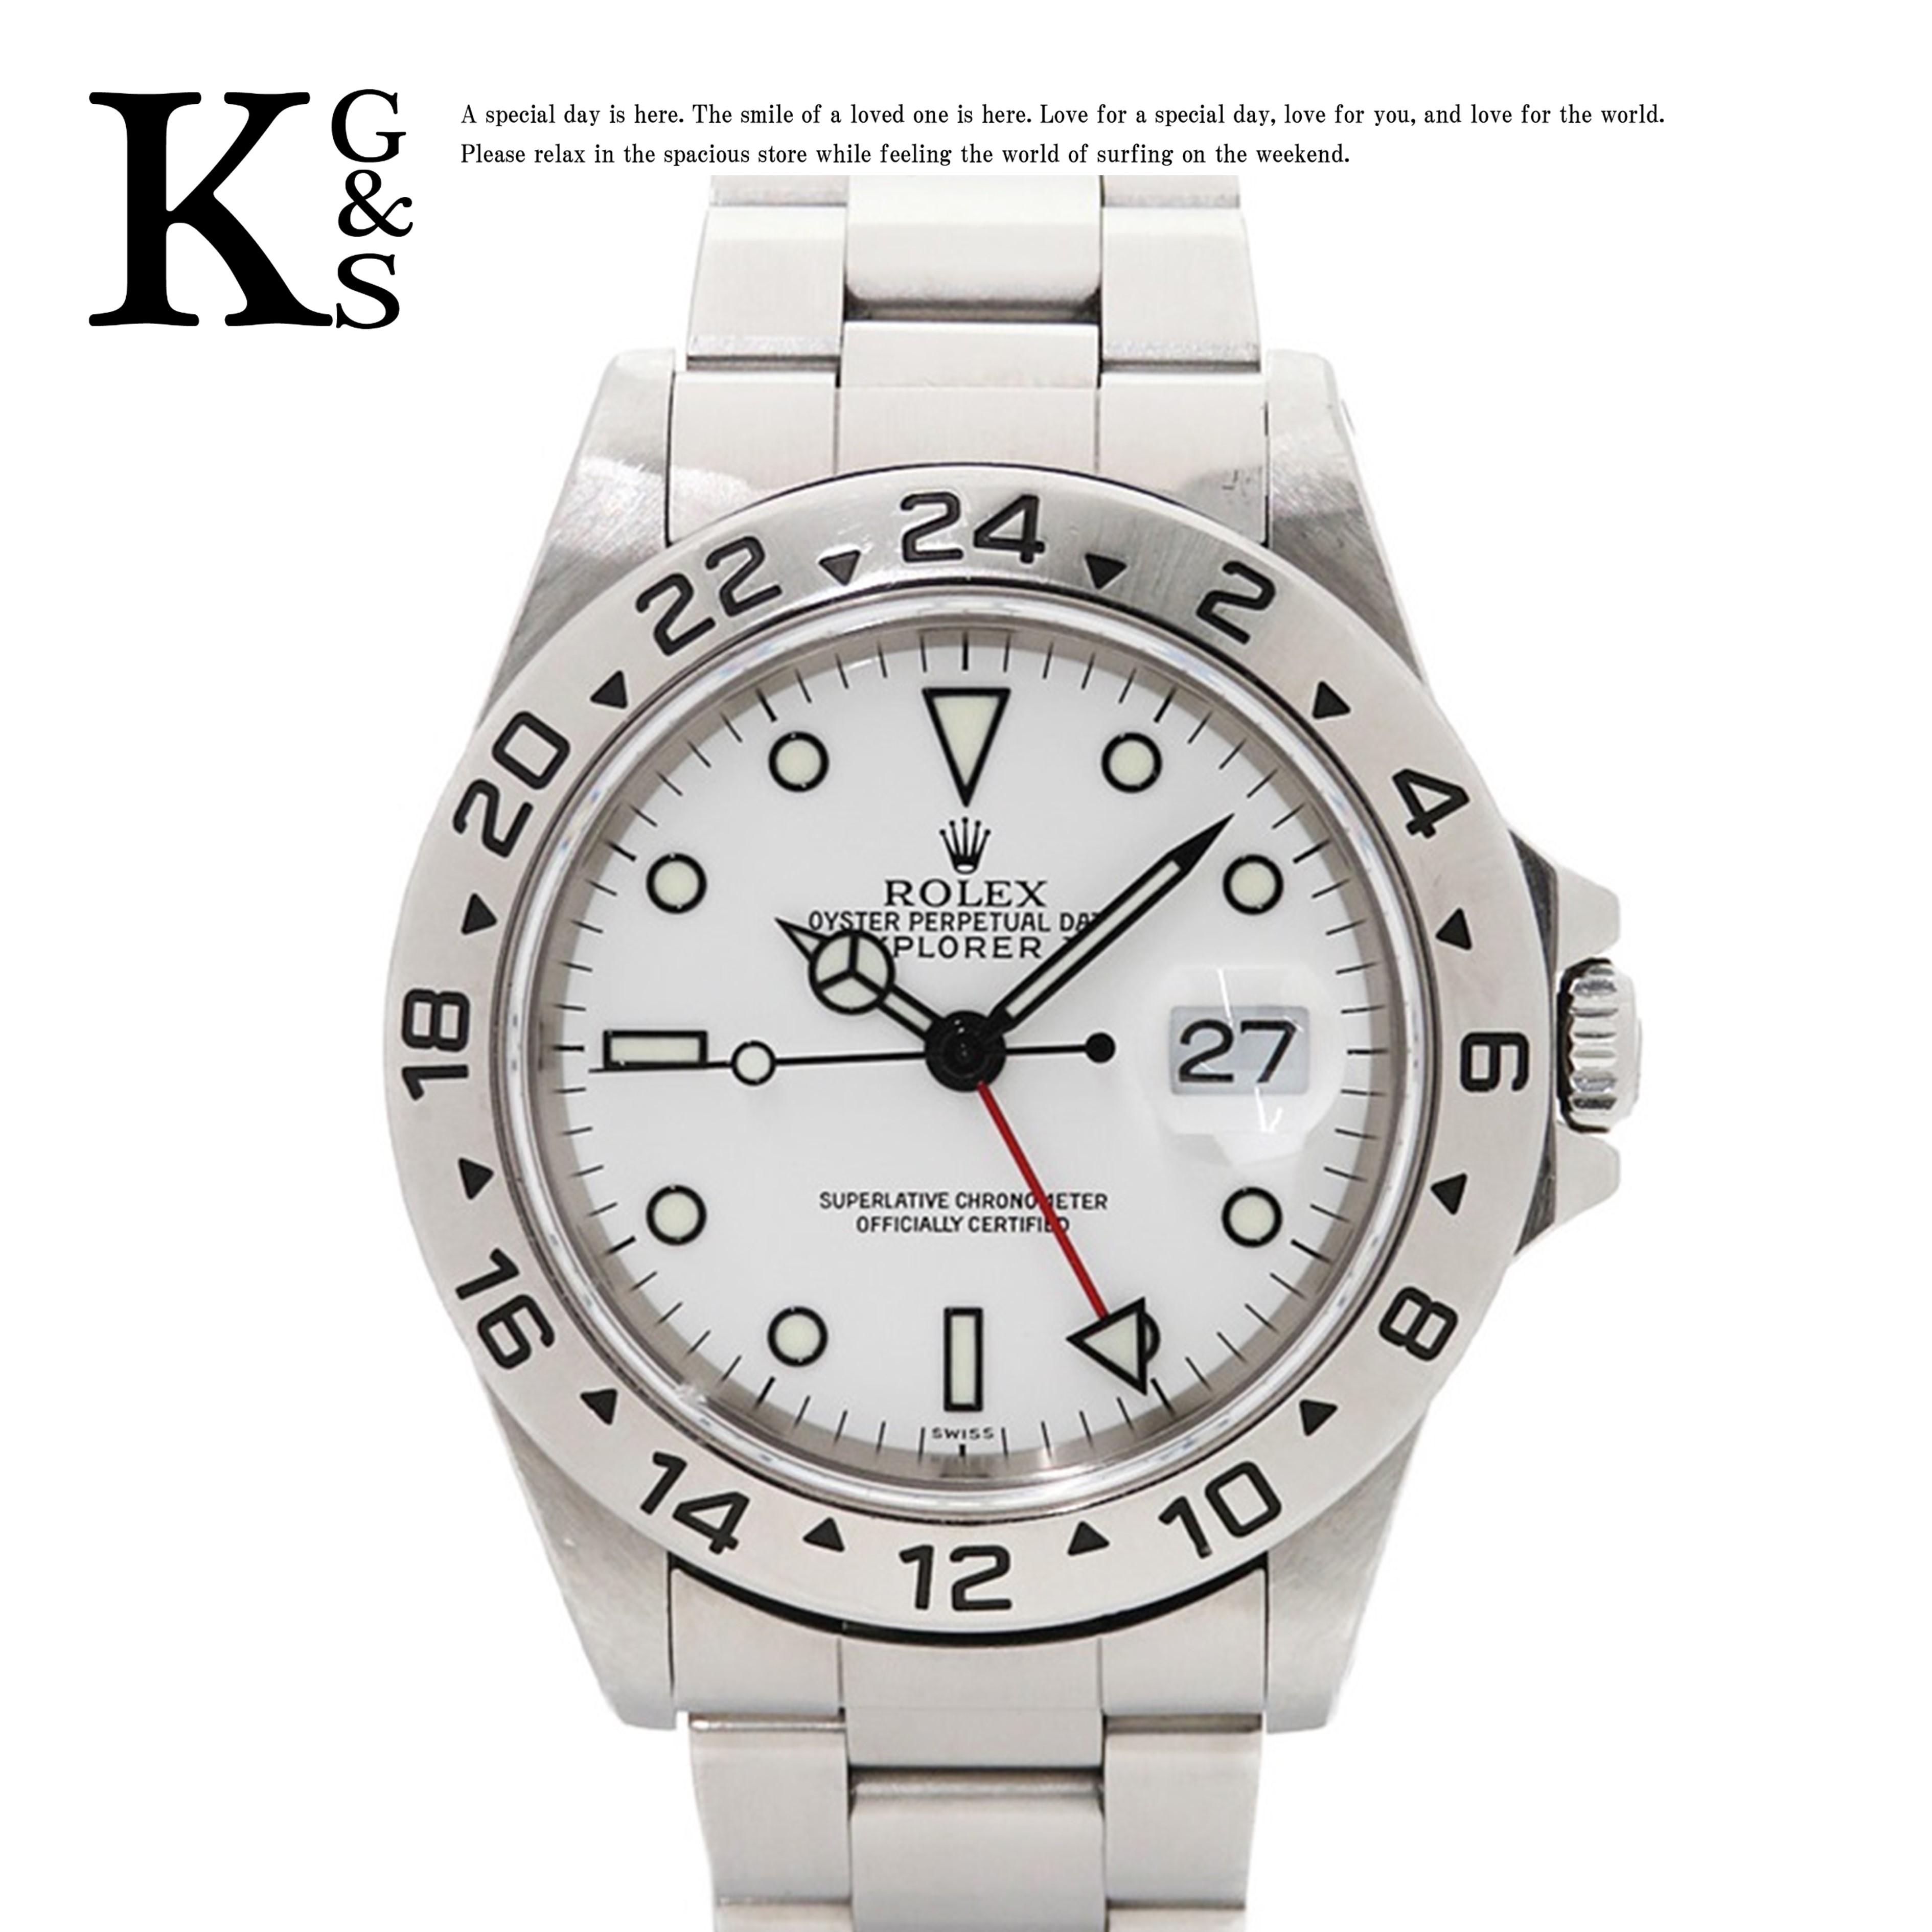 【ギフト品質】ロレックス/ROLEX メンズ 腕時計 エクスプローラー2 ホワイト文字盤 ステンレススチール スポーツモデル 16570